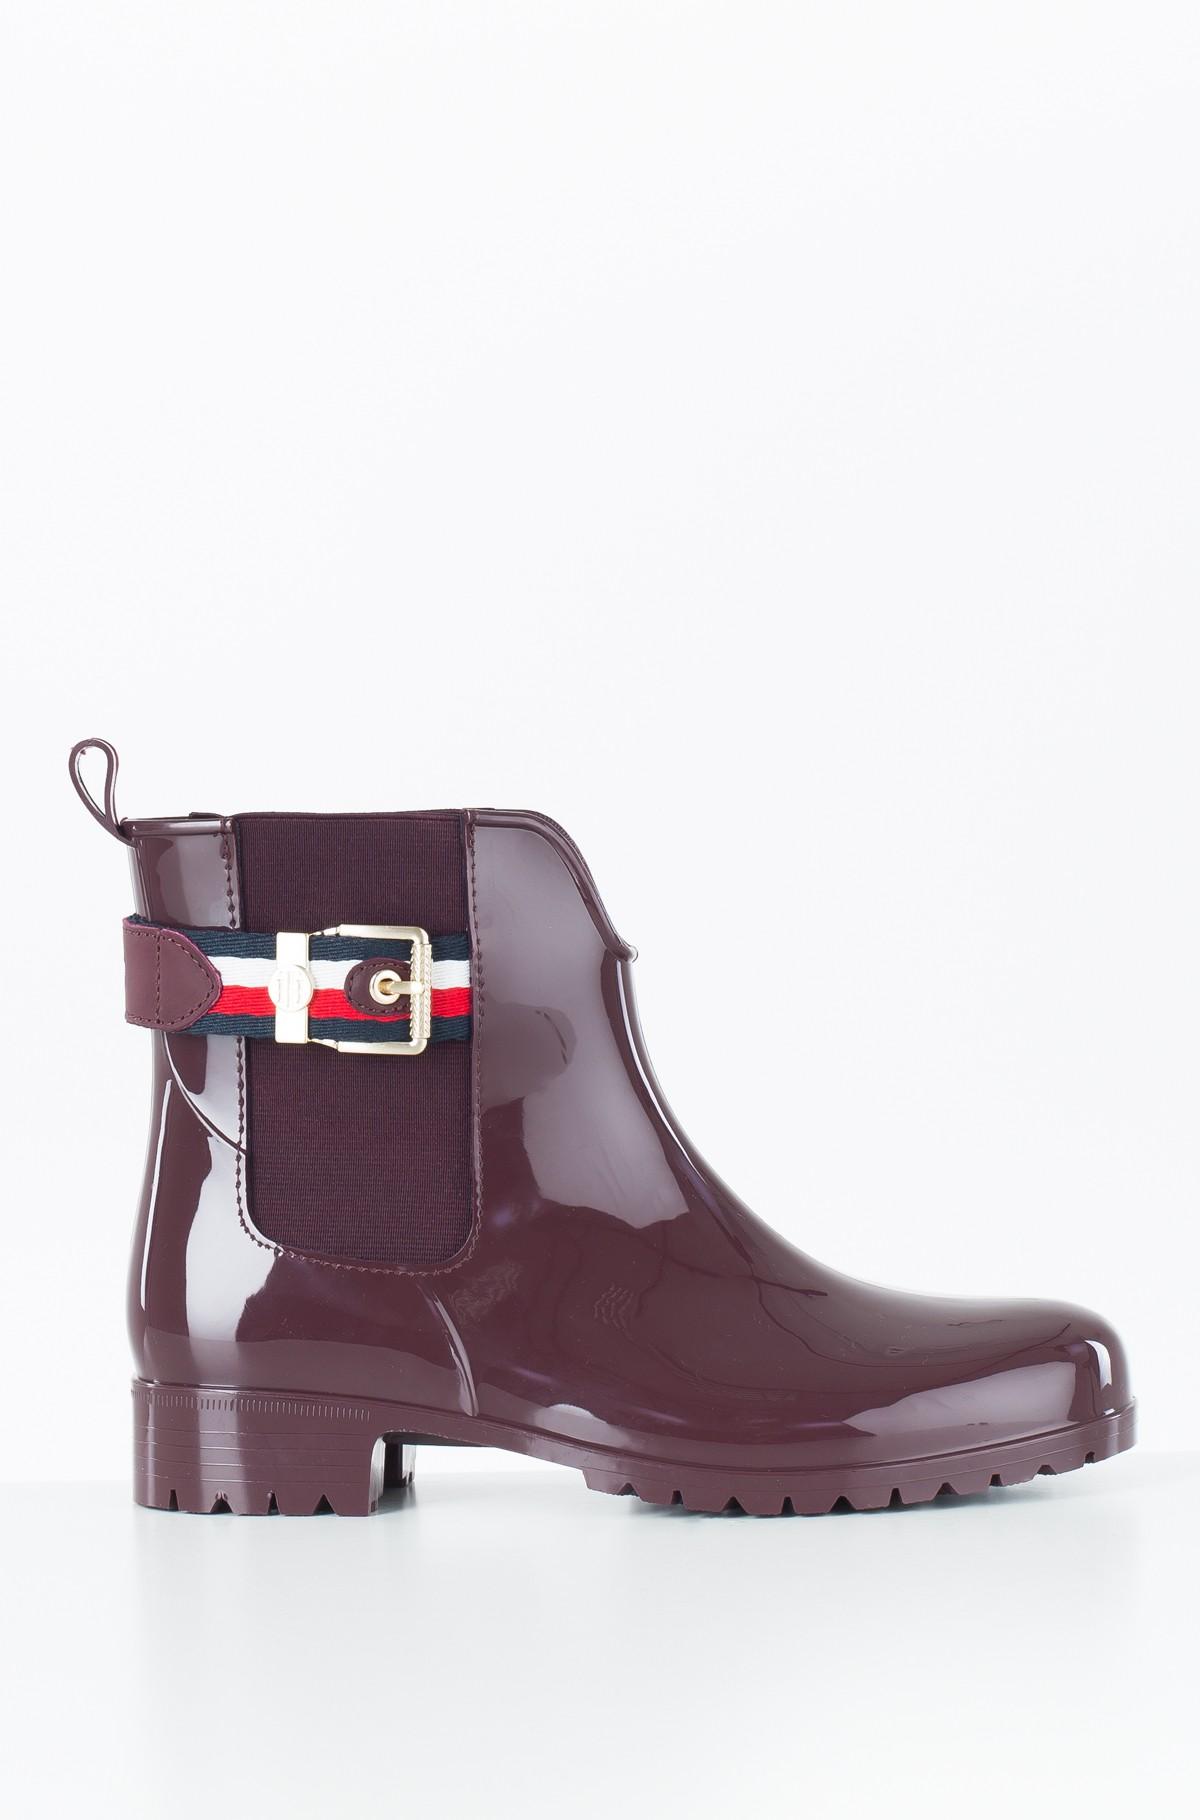 Guminiai batai CORPORATE BELT RAIN BOOT-full-1